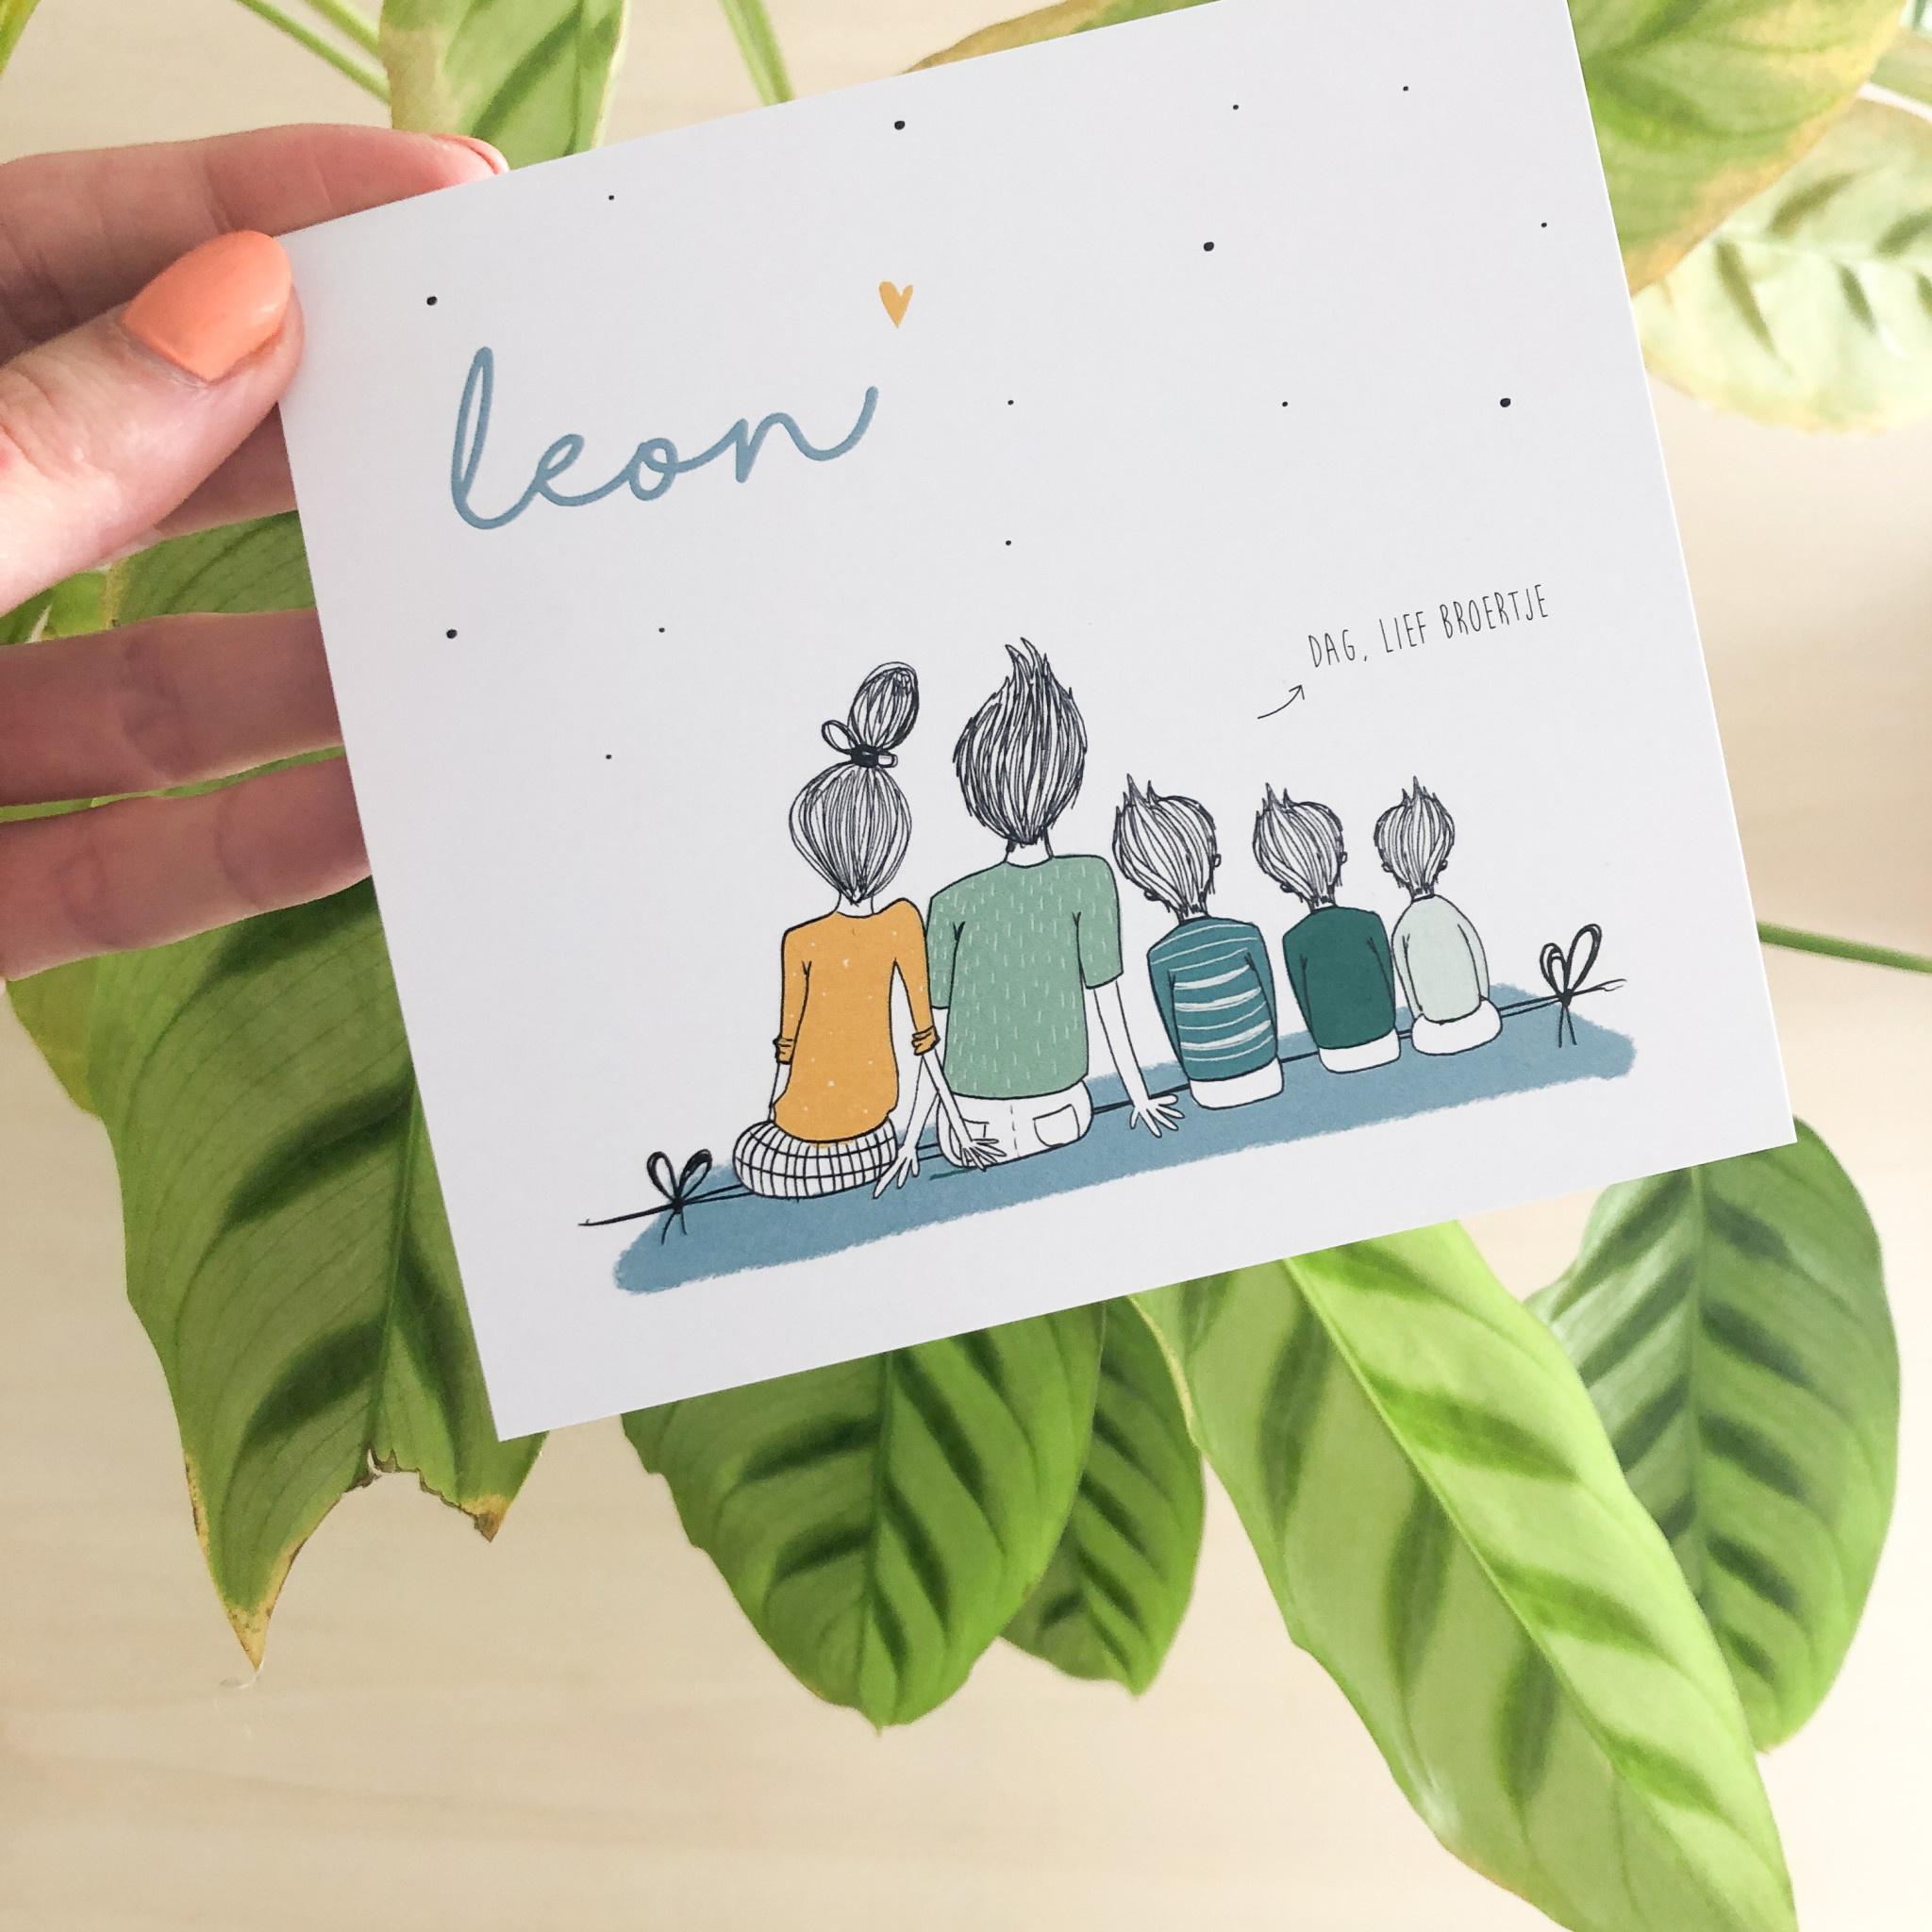 geboren 07-23 Leon